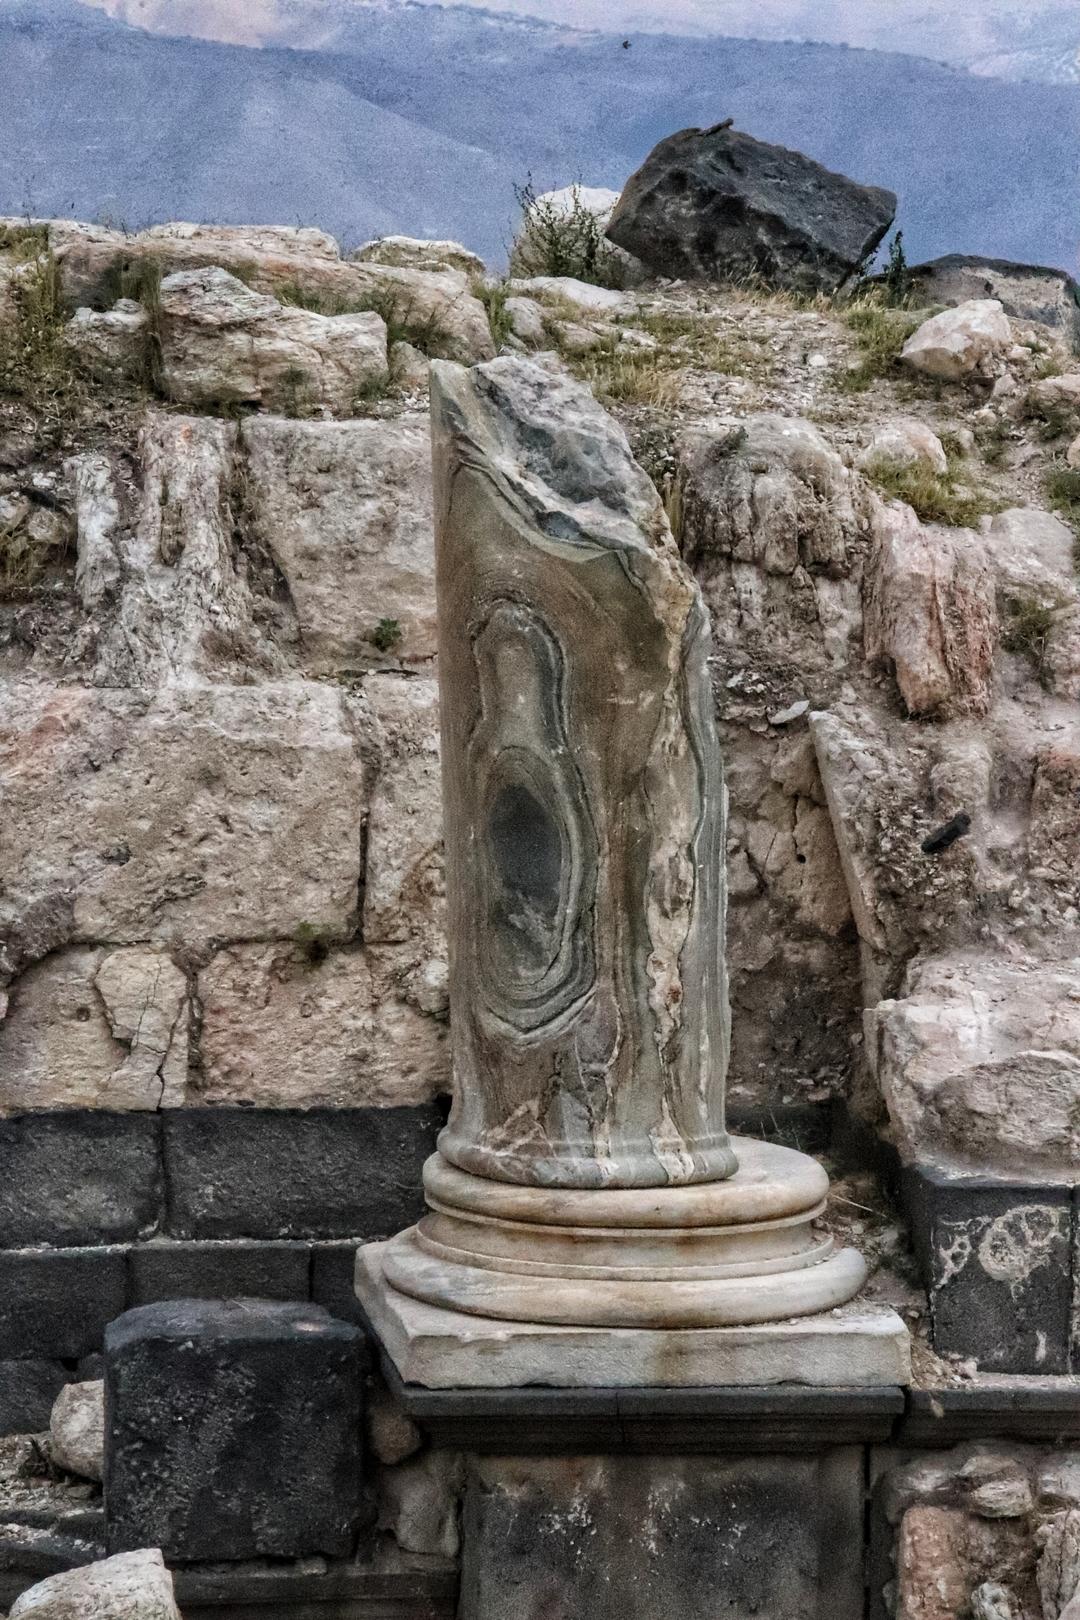 Jordanie - Une colonne en marbre sur le site romain de Umm Qais